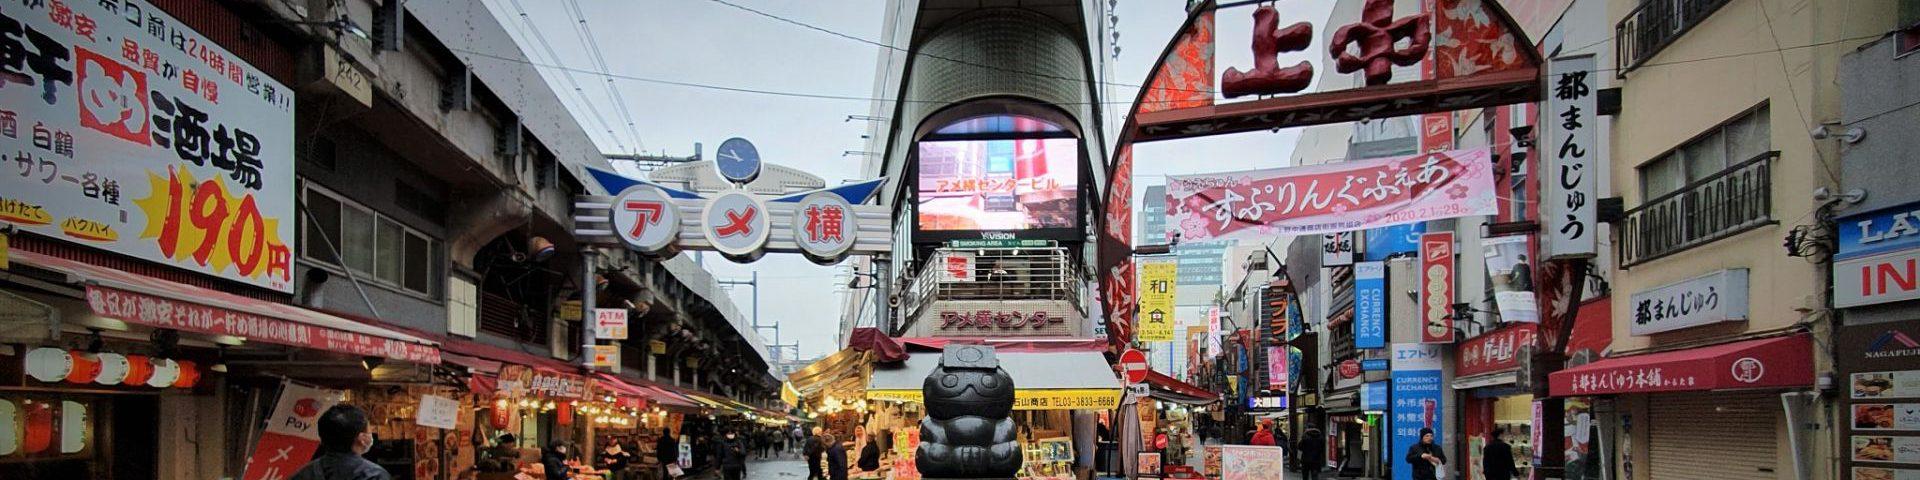 Amayoko market1